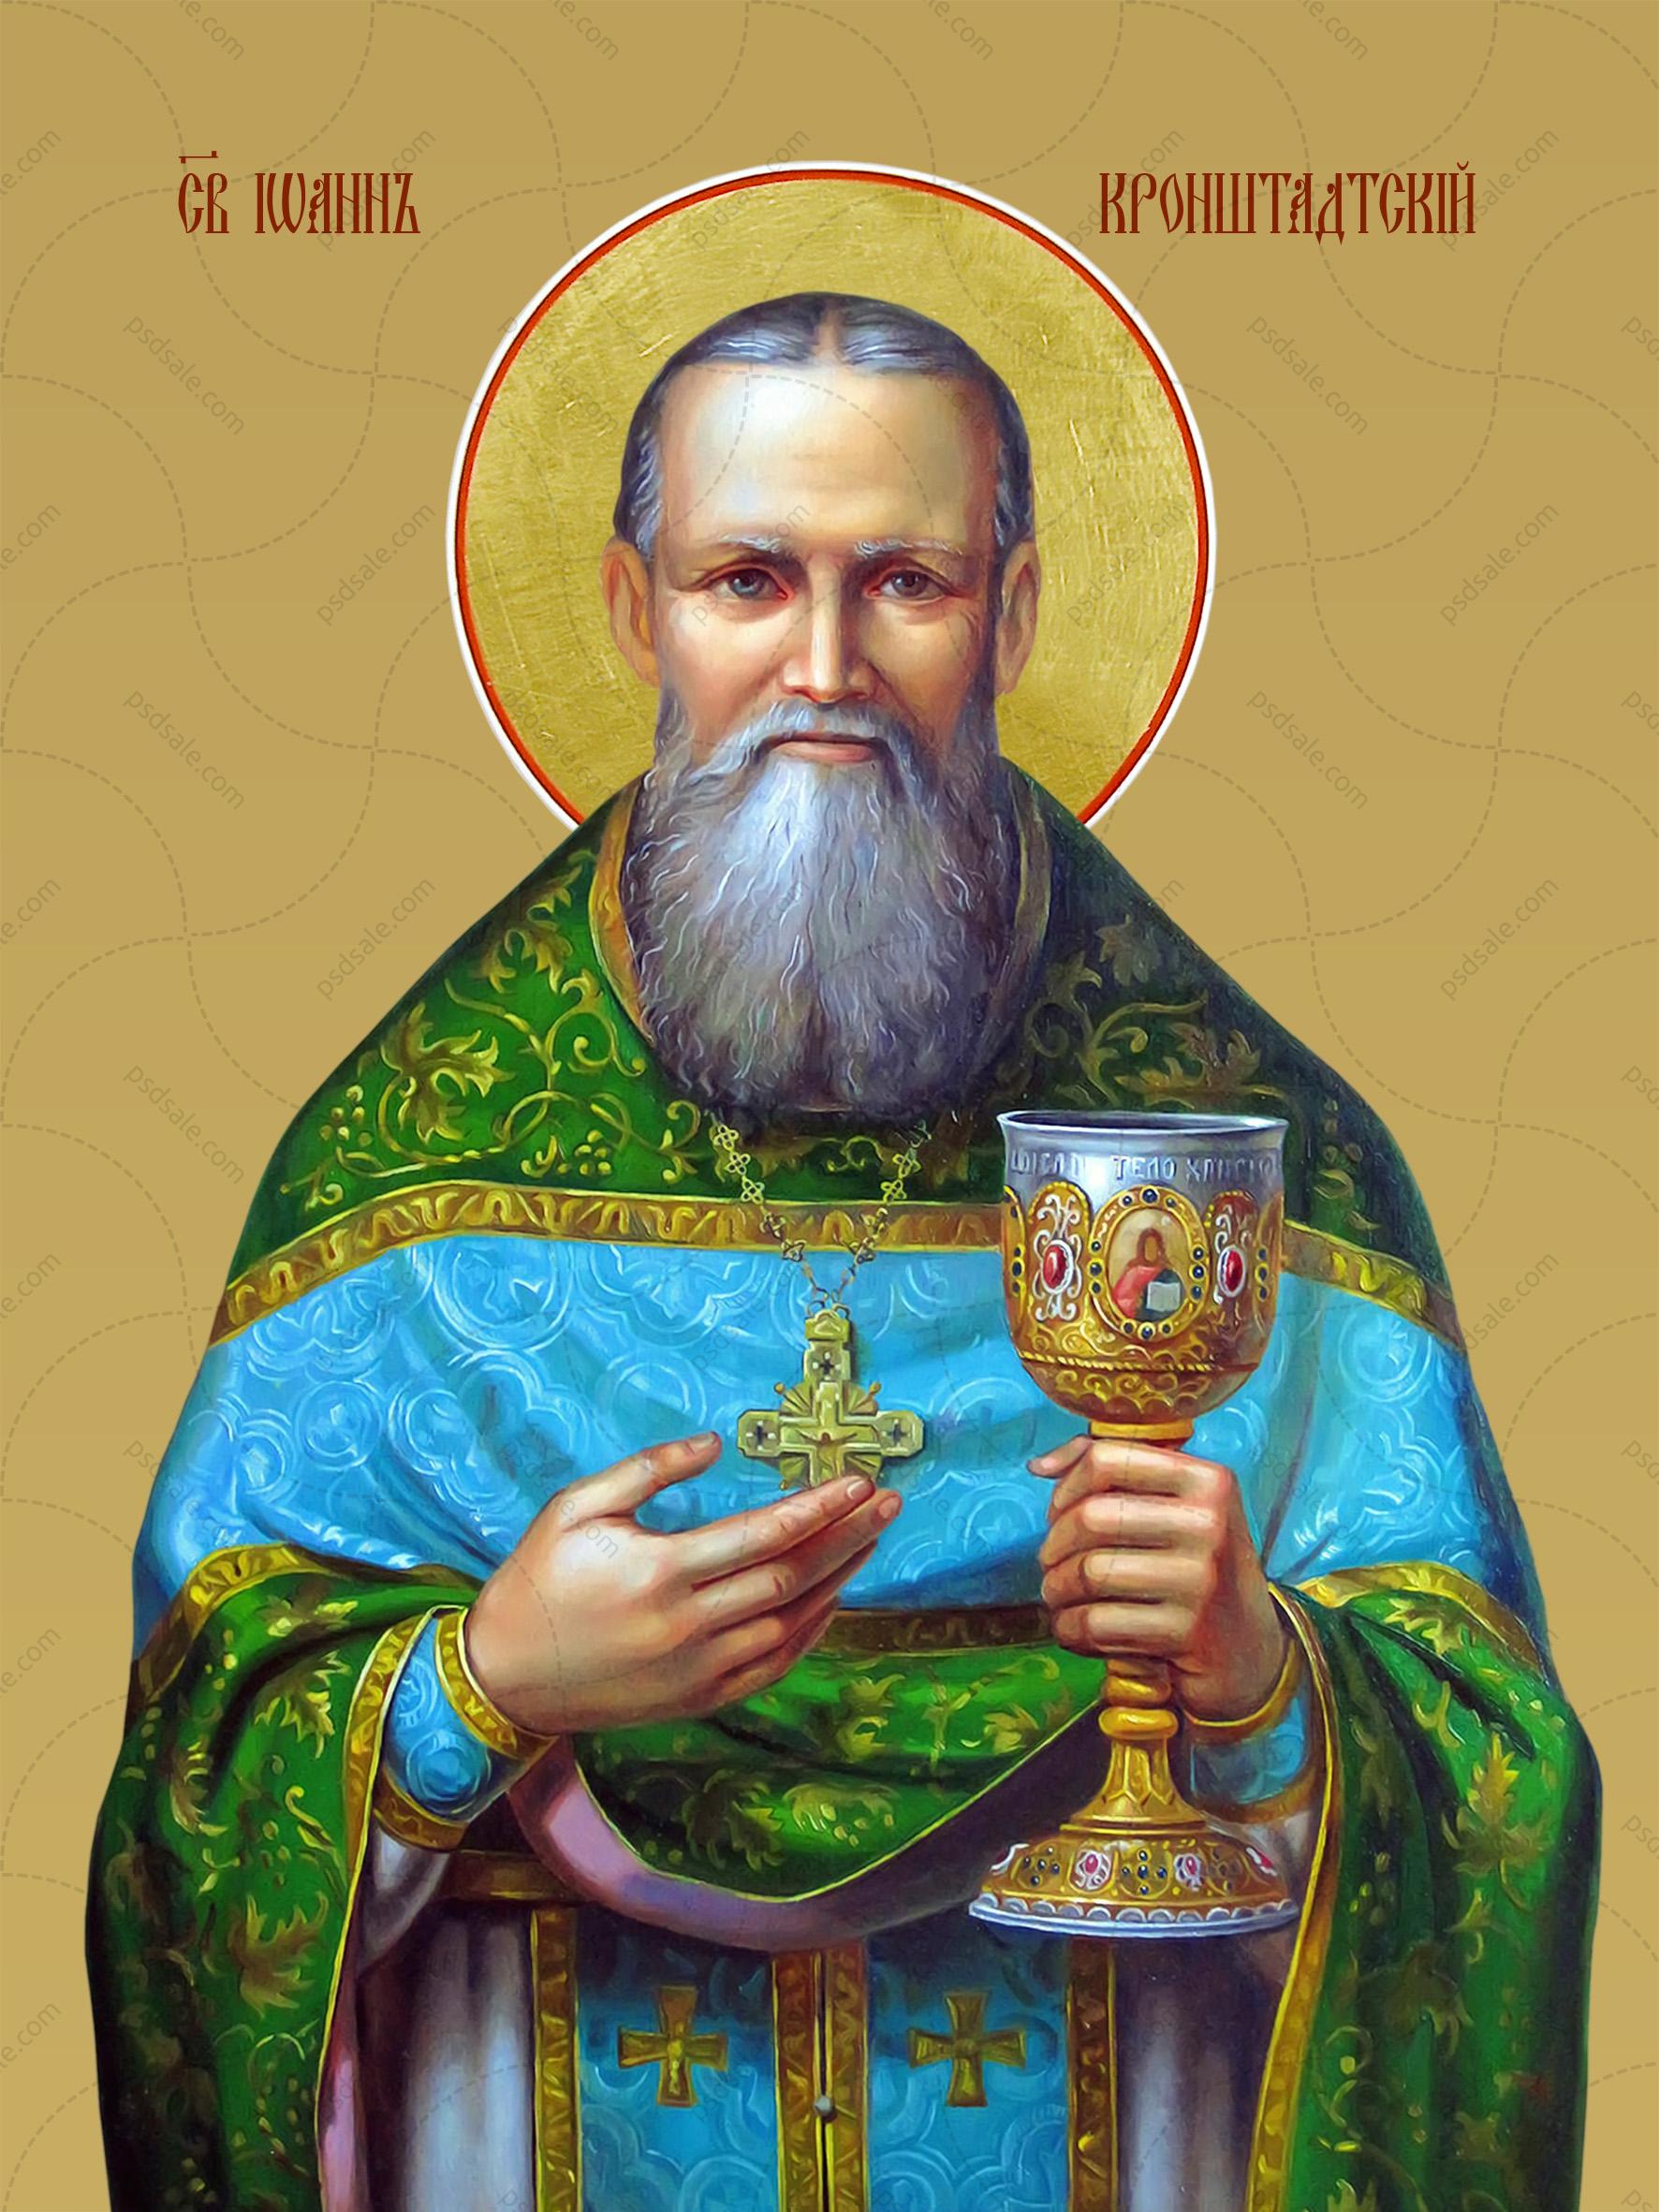 Иоанн Кронштадтский, святой